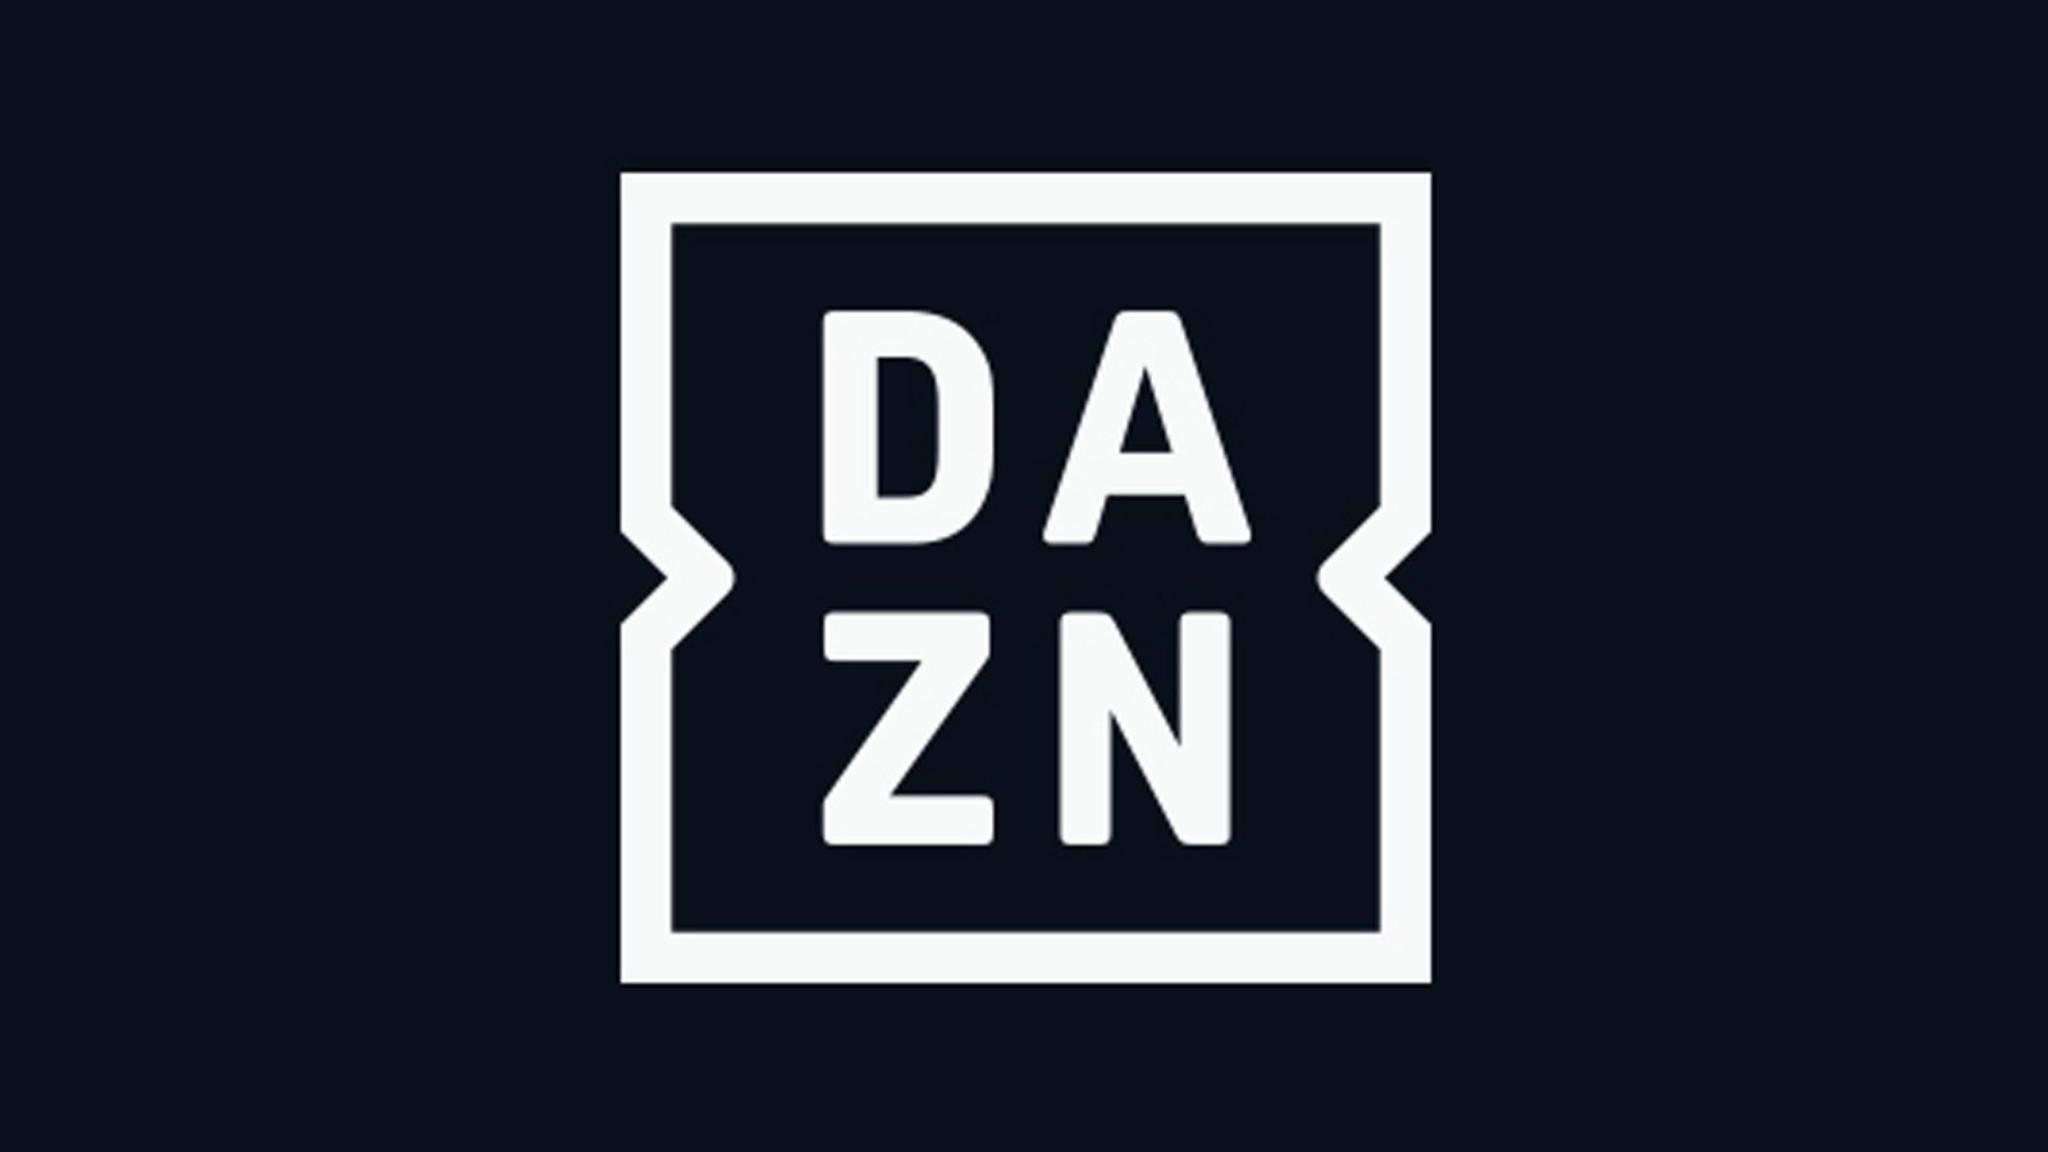 DAZN kostet nach Ablauf des Gratismonats 9,99 Euro pro Monat.